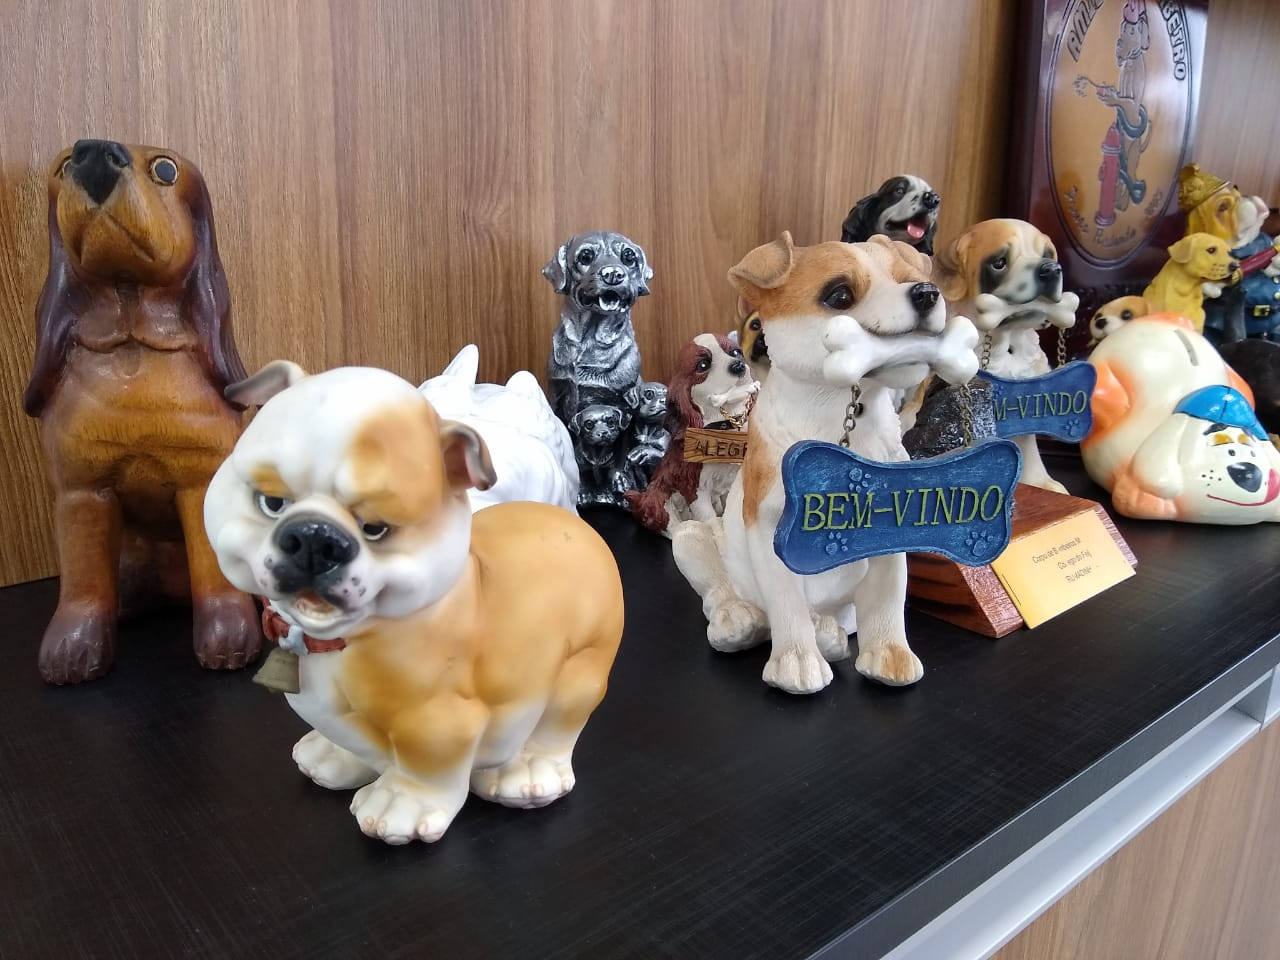 Na coleção de Walter Parizotto, que passam de 300 objetos, tem mini cães de todo tipo de material, desde porcelana até plástico - Carolina Debiasi/ND